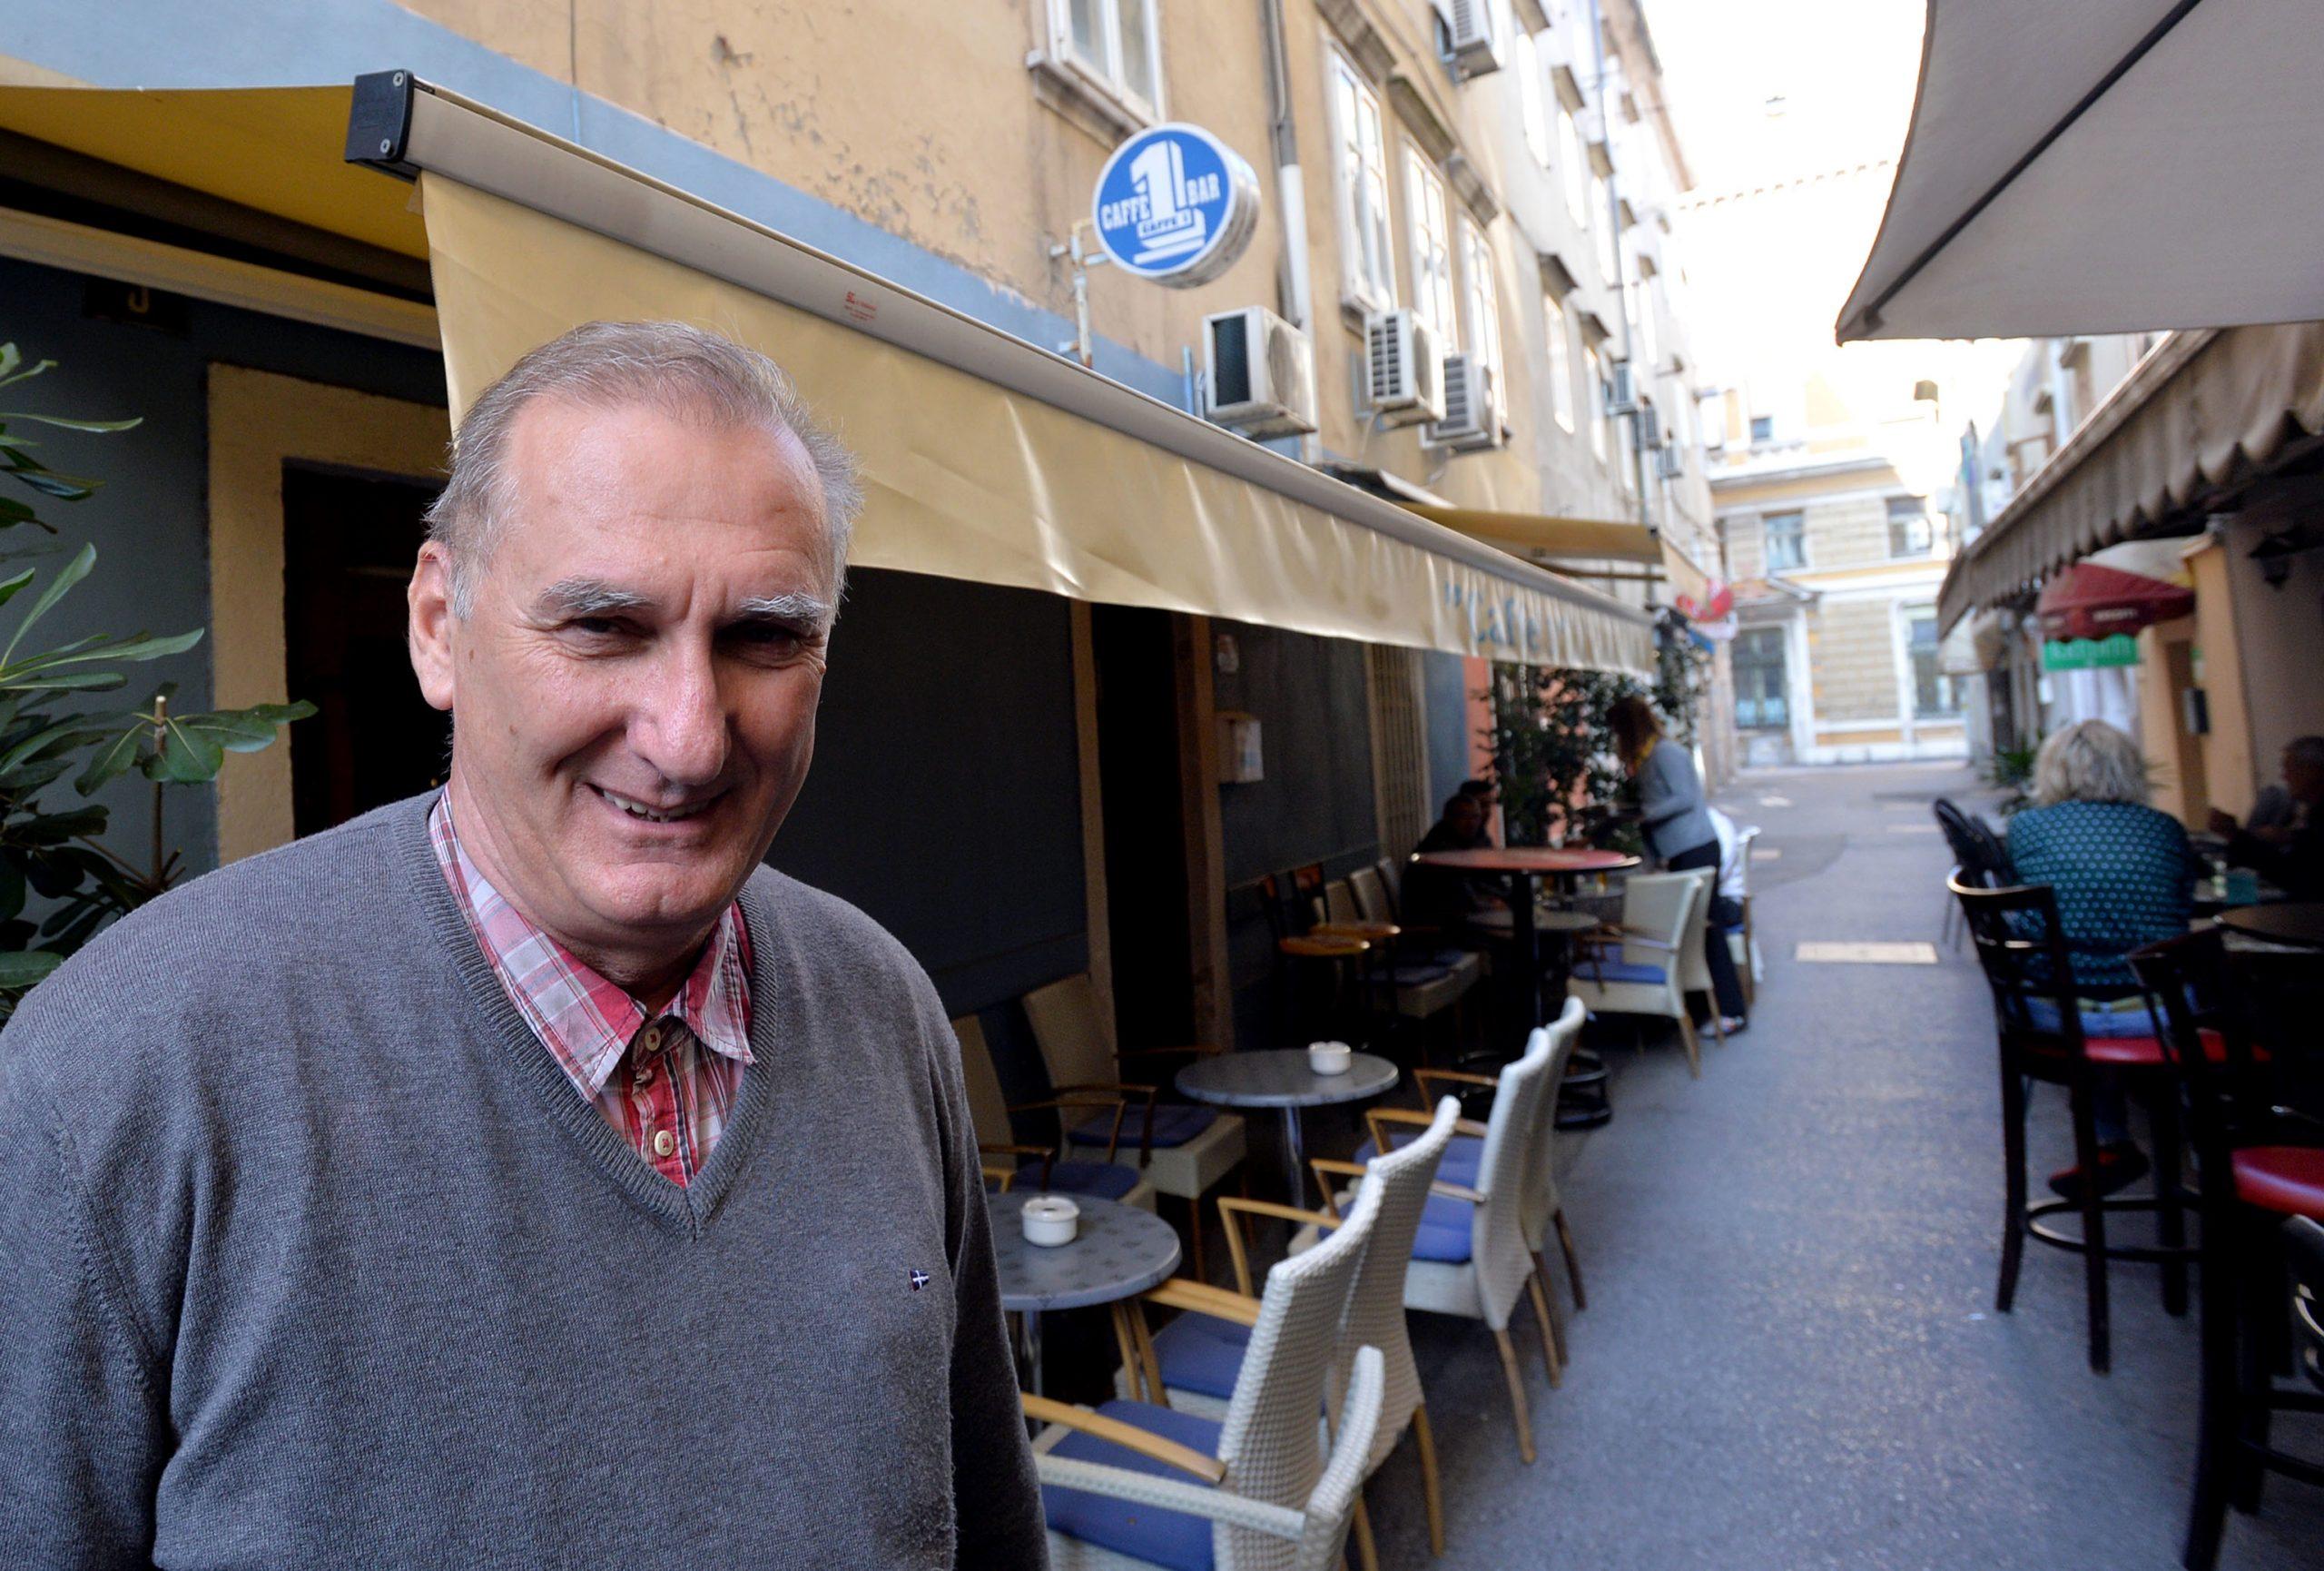 ISPRED JEDINICE – Mauro Ravnić/Foto Arhiva NL